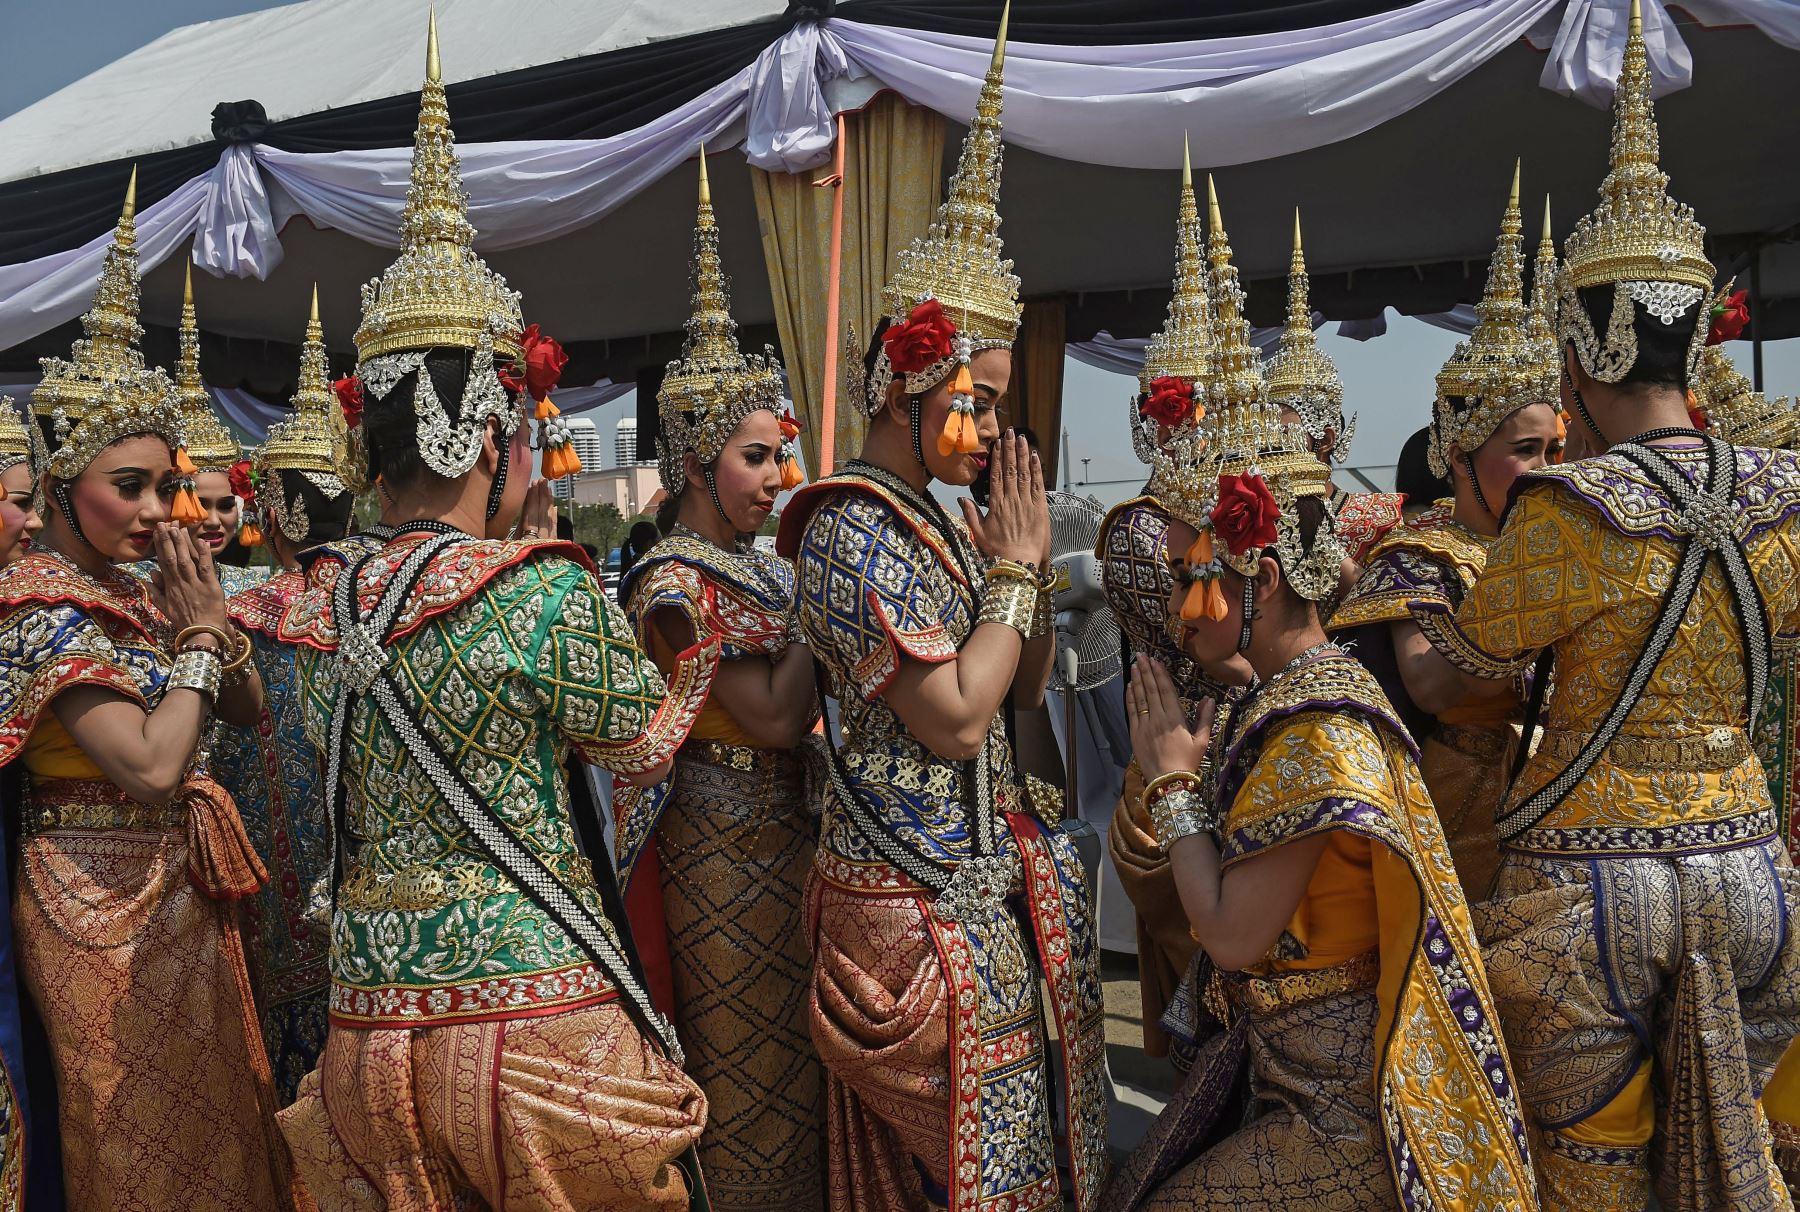 Bailarines tailandeses,participan de una ceremonia religiosa. Foto: AFP